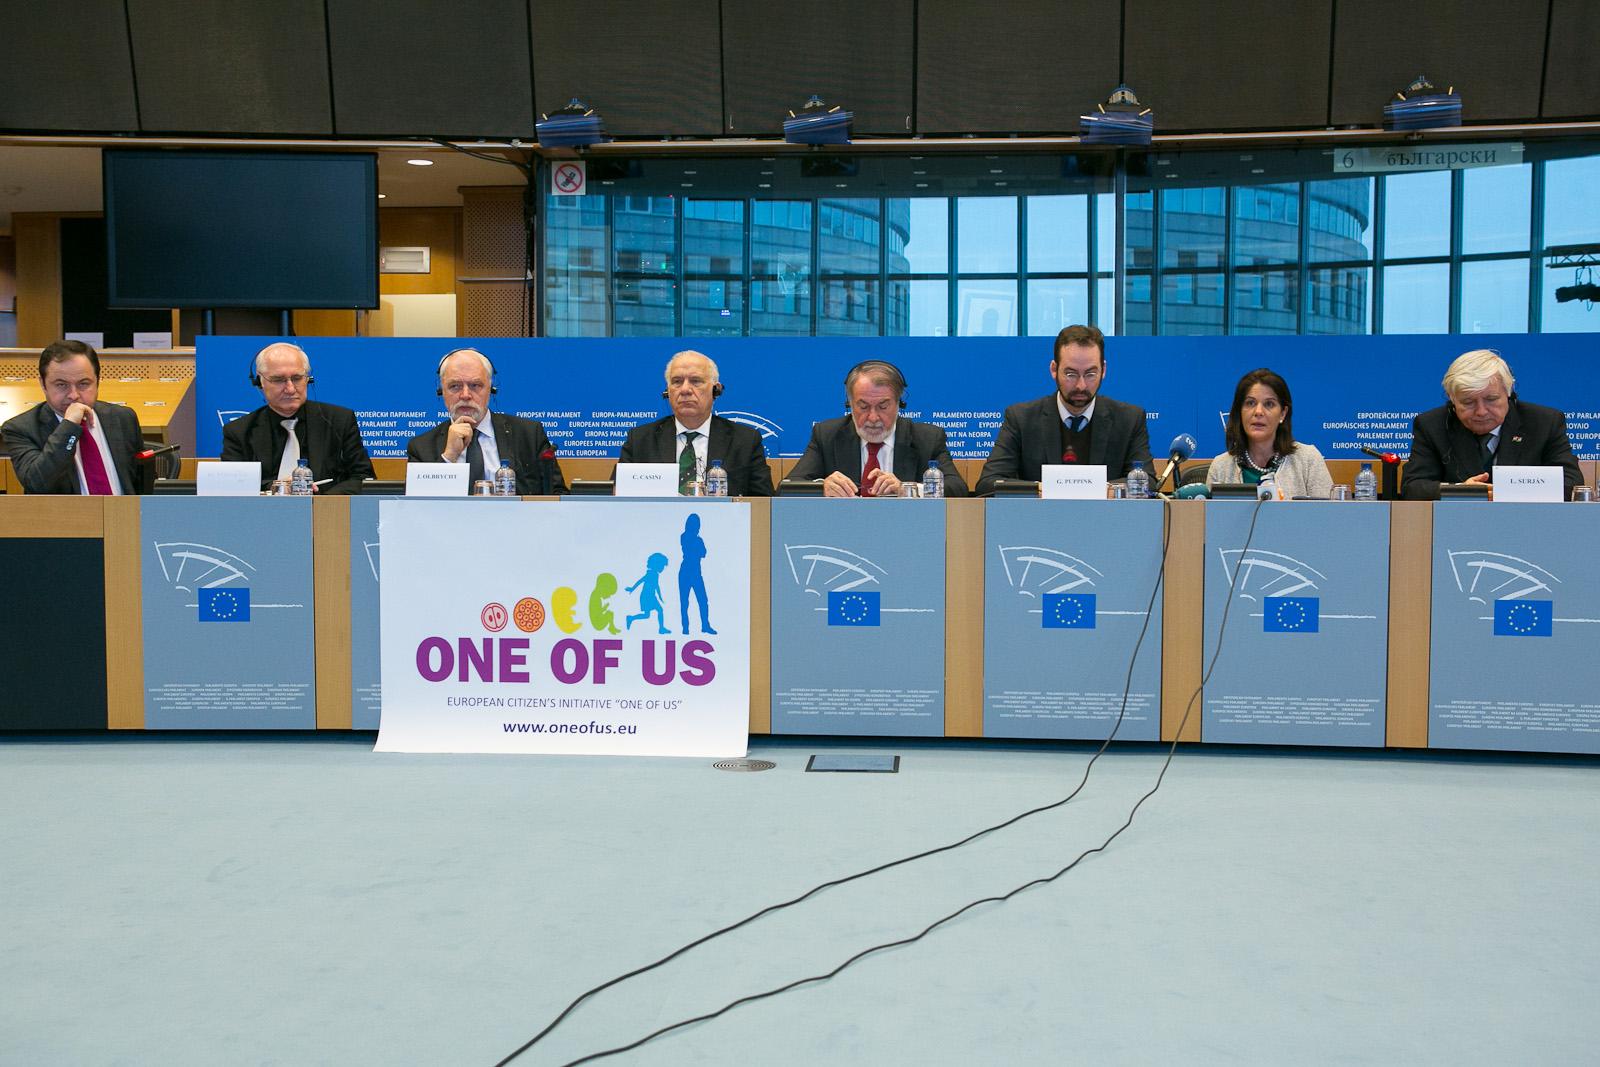 oneofus.eu